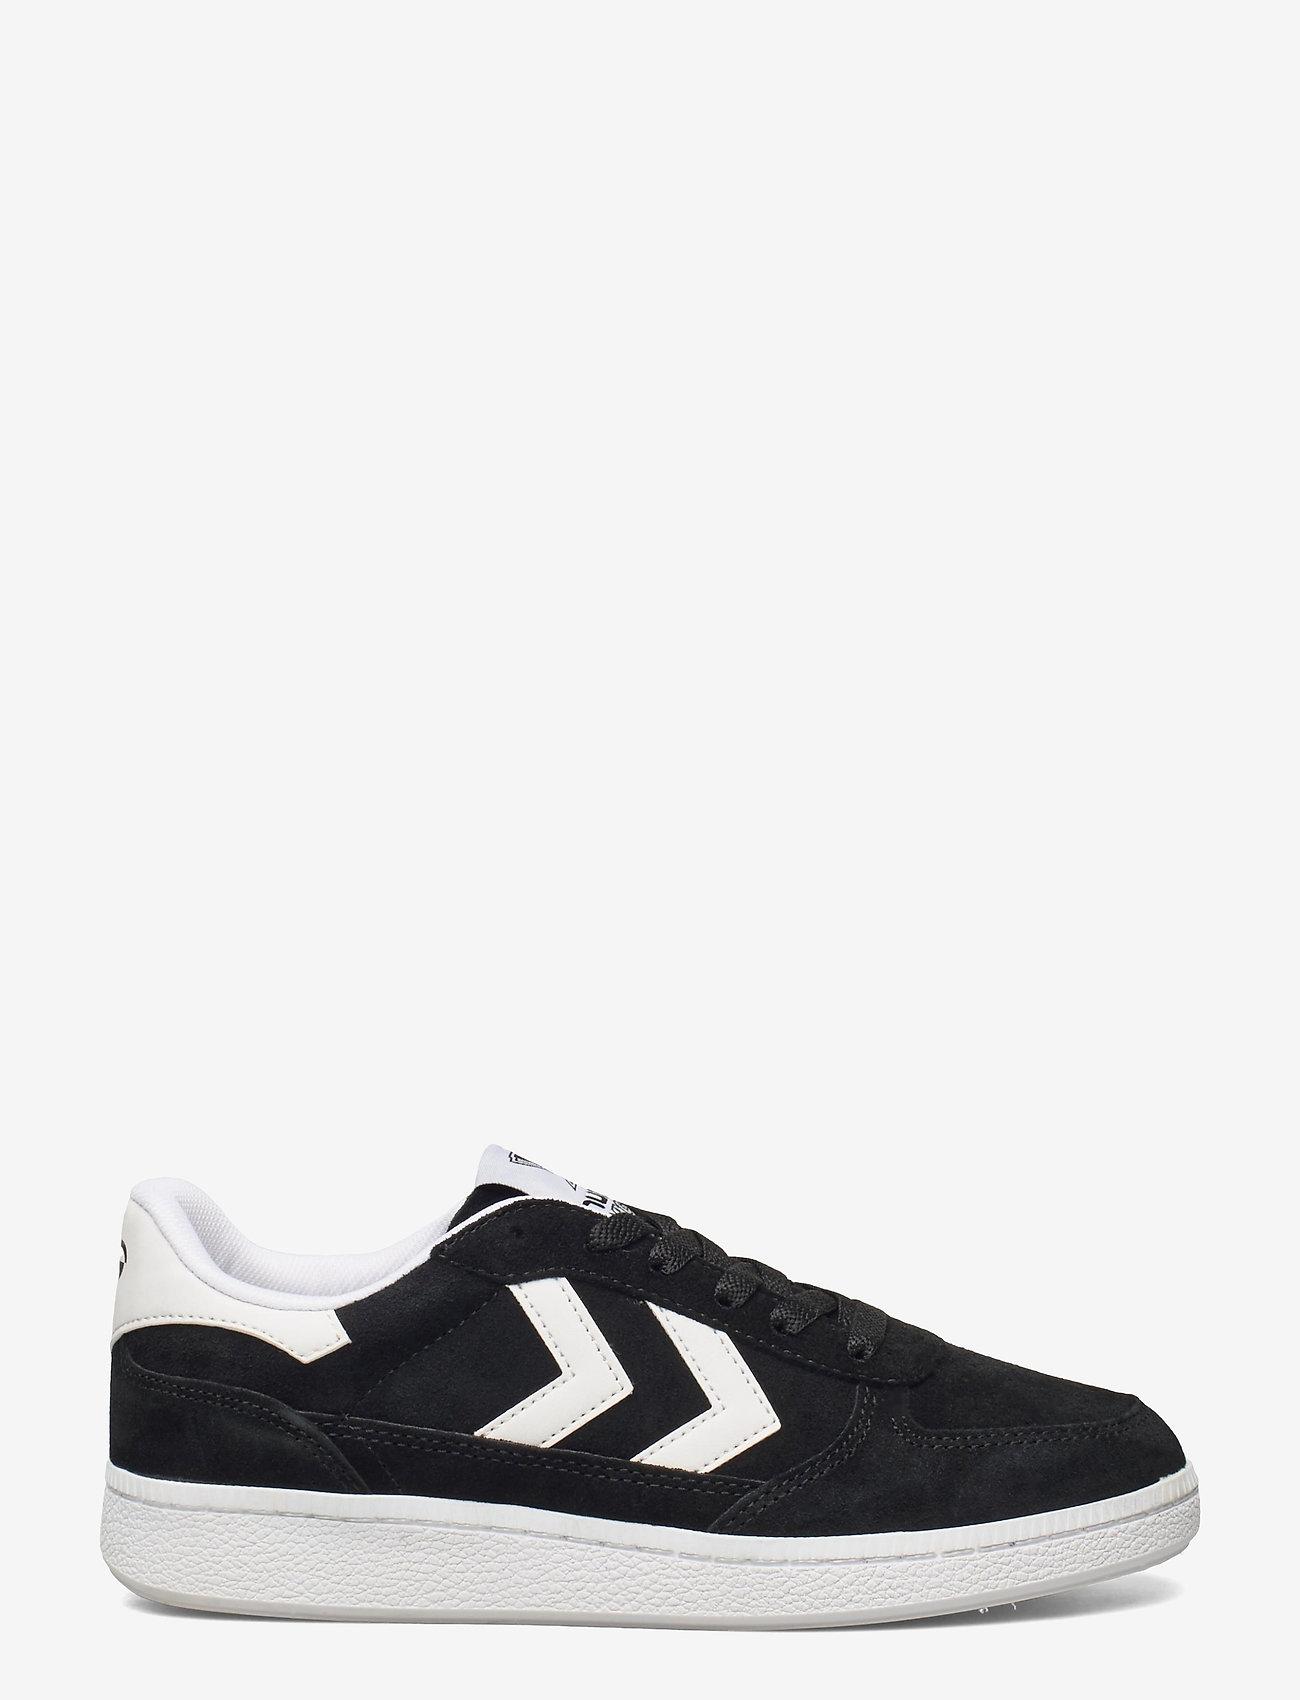 Hummel - VICTORY - laag sneakers - black - 1